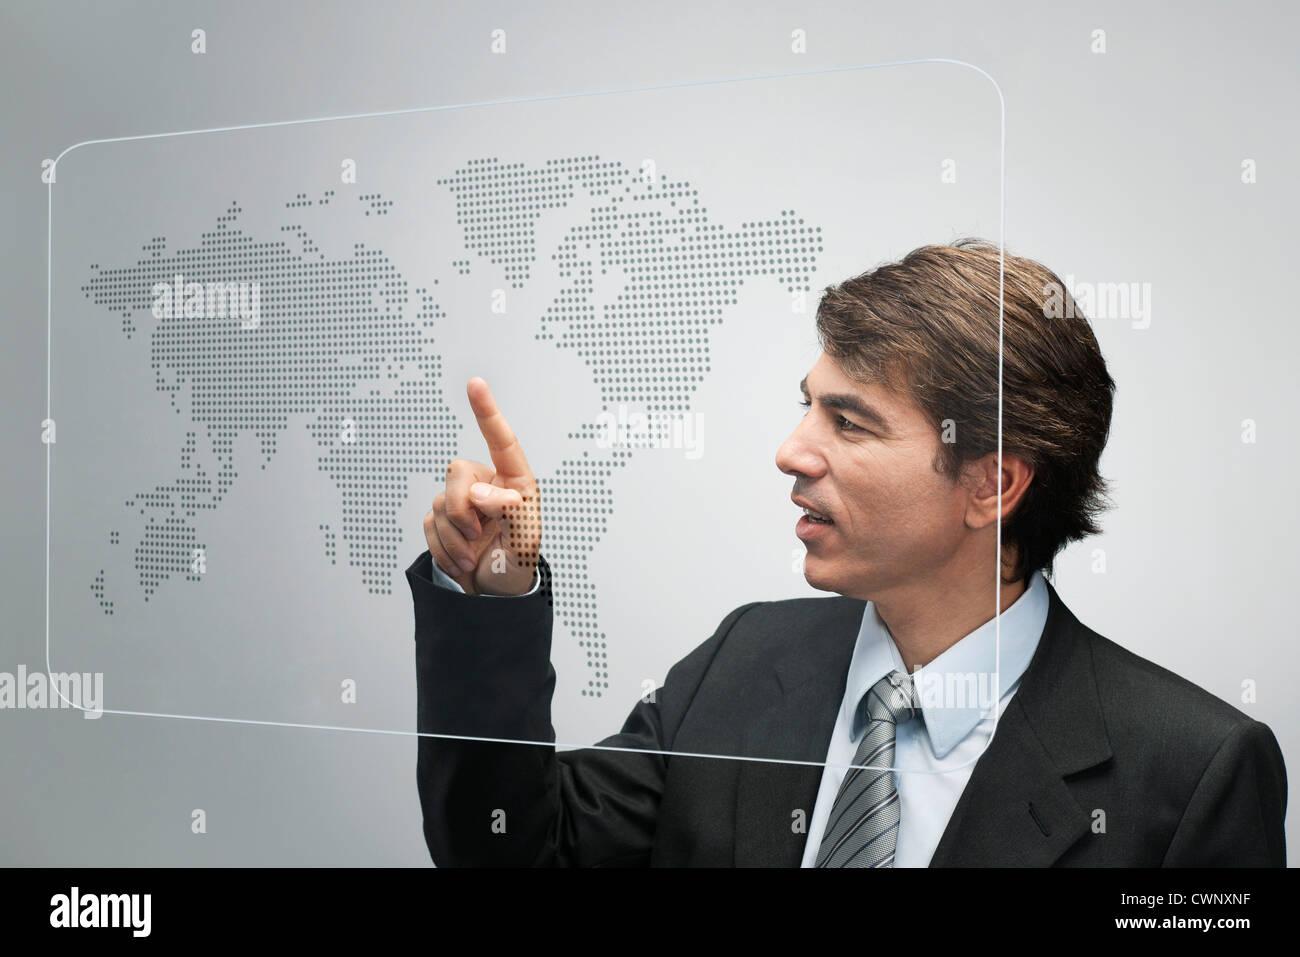 Portrait de la technologie d'écran tactile avancé pour afficher la carte du monde Banque D'Images